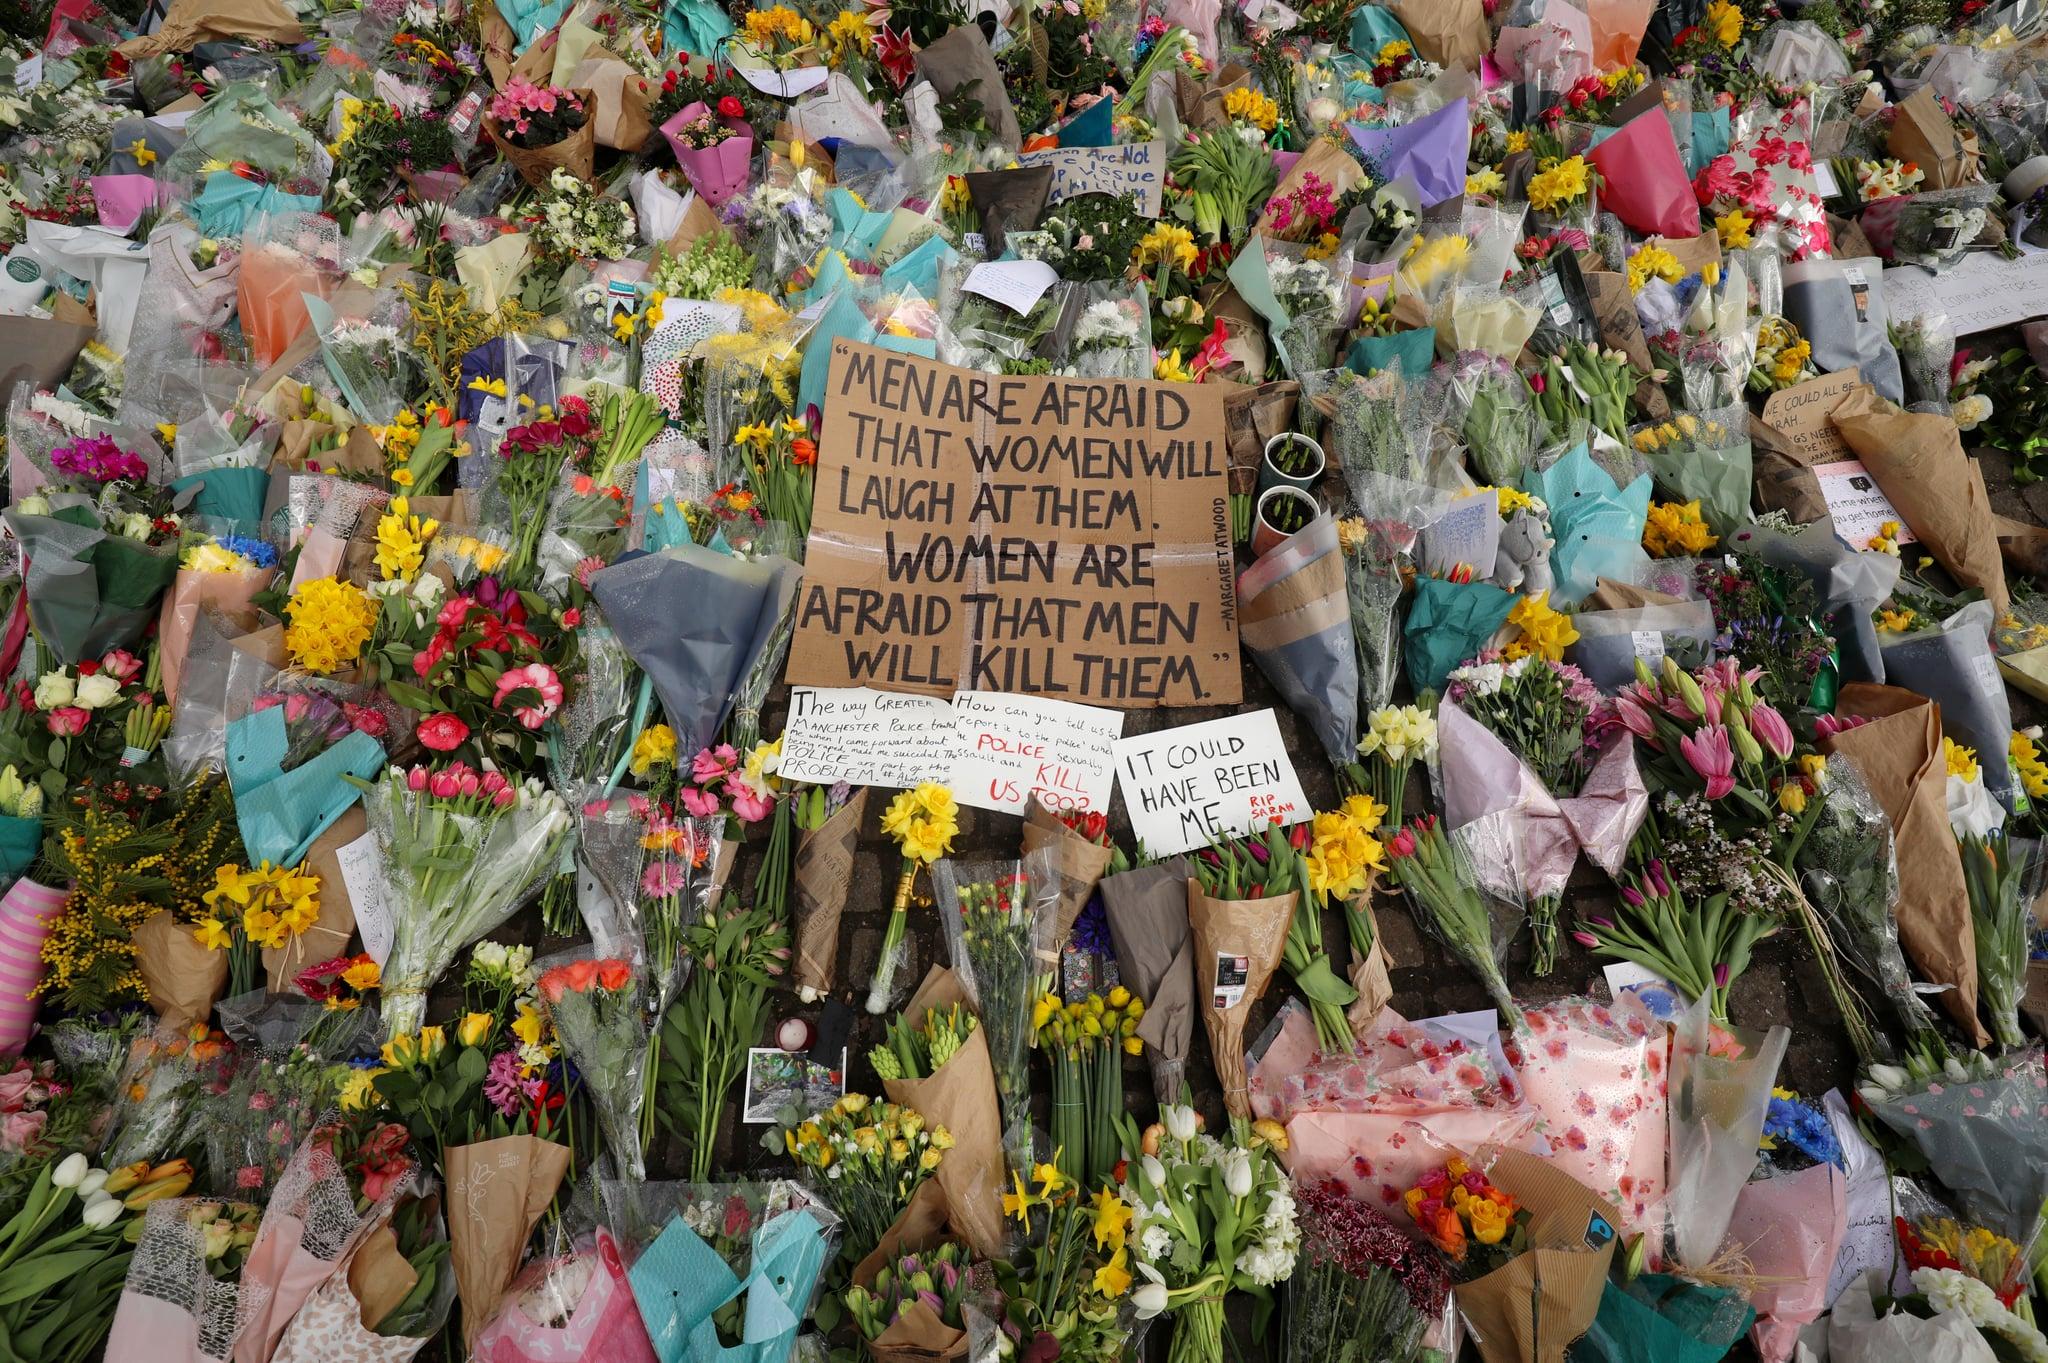 لندن ، انگلستان - 15 مارس: ادای احترام و پیام های گل به ادای احترام به سارا اورارد در Clapham Common در 15 مارس 2021 در لندن ، انگلیس.  صدها نفر شنبه شب در Clapham Common برای ادای احترام به سارا اورارد ، ساکن 33 ساله لندن که آدم ربایی و مرگ او - ادعا شده به دست یک افسر پلیس متروپولیتن خارج از وظیفه - ادای احترام کرد ، موجی از نگرانی را ایجاد کرد ایمنی زنان  همین نیروی پلیس به دلیل واکنش به مواظبت مورد انتقاد قرار می گیرد ، جایی که آنها چندین شرکت کننده را به دلیل نقض قوانین مربوط به دوره های همه گیری در اجتماعات عمومی به زور دستگیر کردند.  (عکس از دن کیتوود / گتی ایماژ)